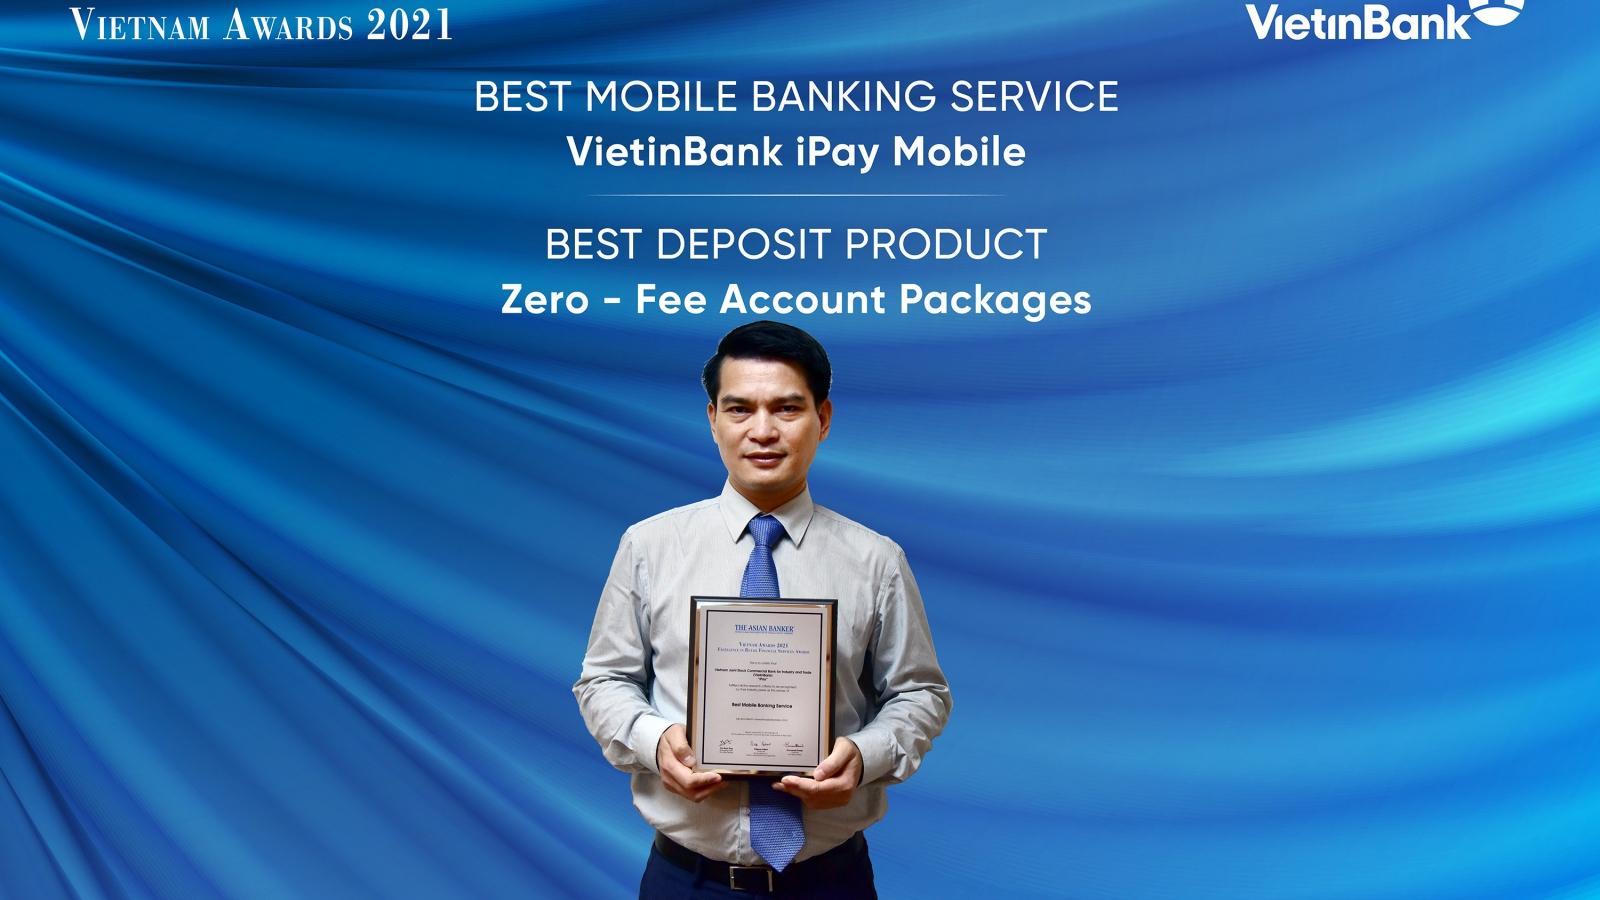 VietinBank nhận 2 giải thưởng quốc tế uy tín về ngân hàng bán lẻ